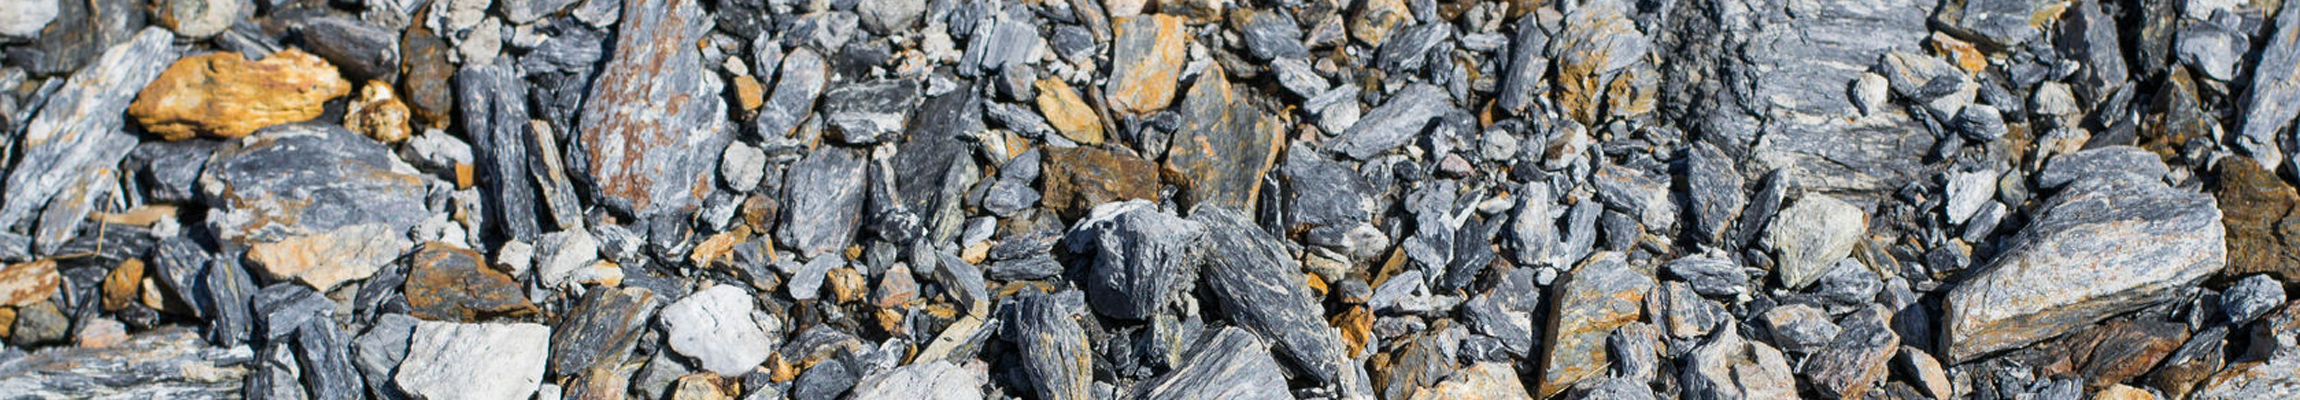 47900632 – stones natural minerals